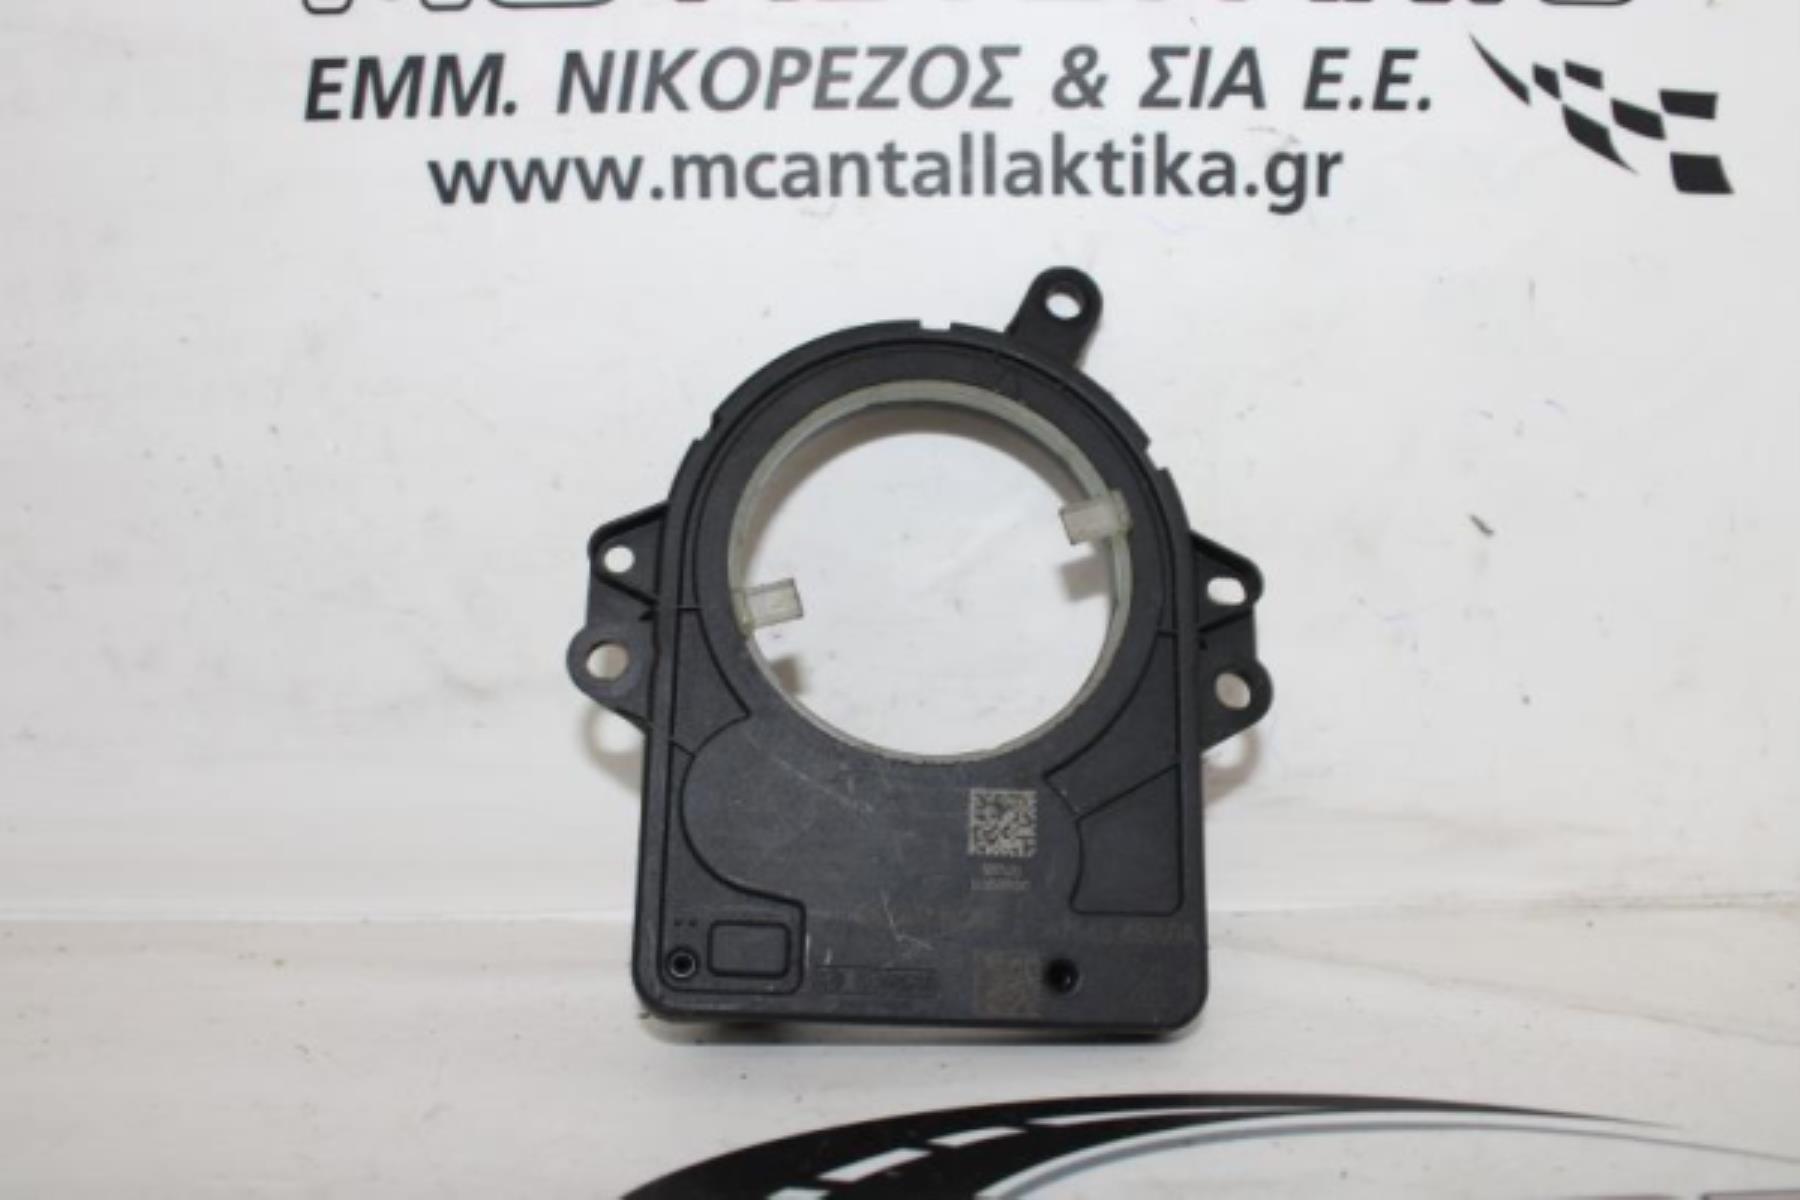 Εικόνα από Αισθητήρας  NISSAN QASHQAI (2007-2014)  0265019061   γωνίας τιμονιού